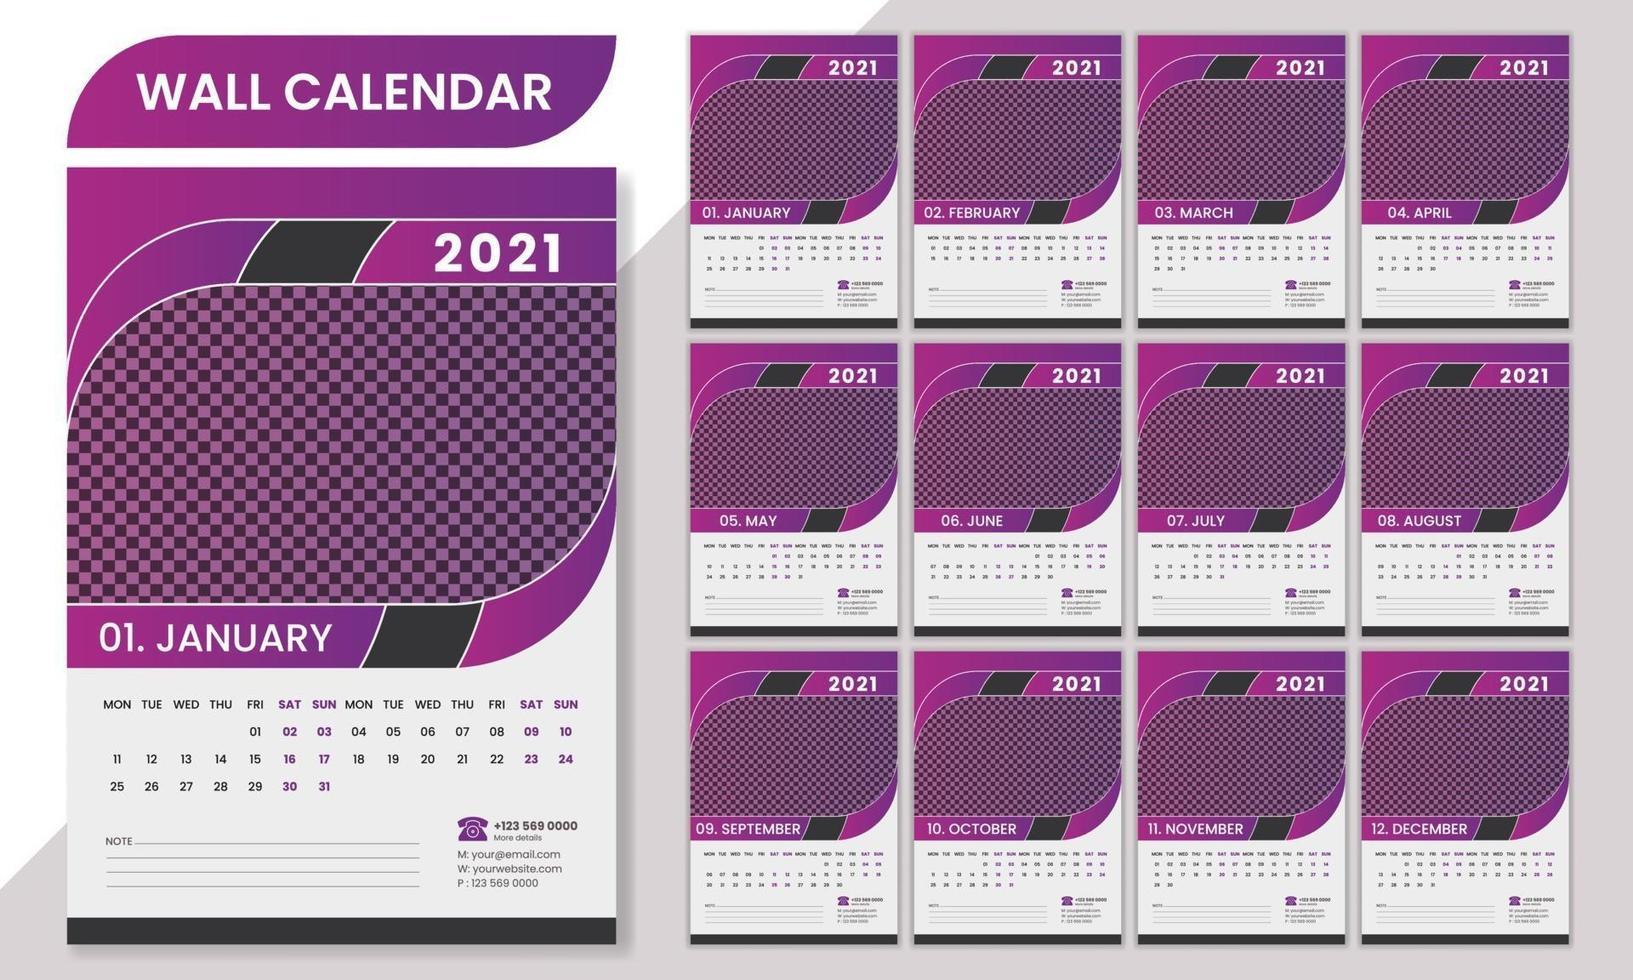 conception de modèle de calendrier mural professionnel minimal 2021. vecteur